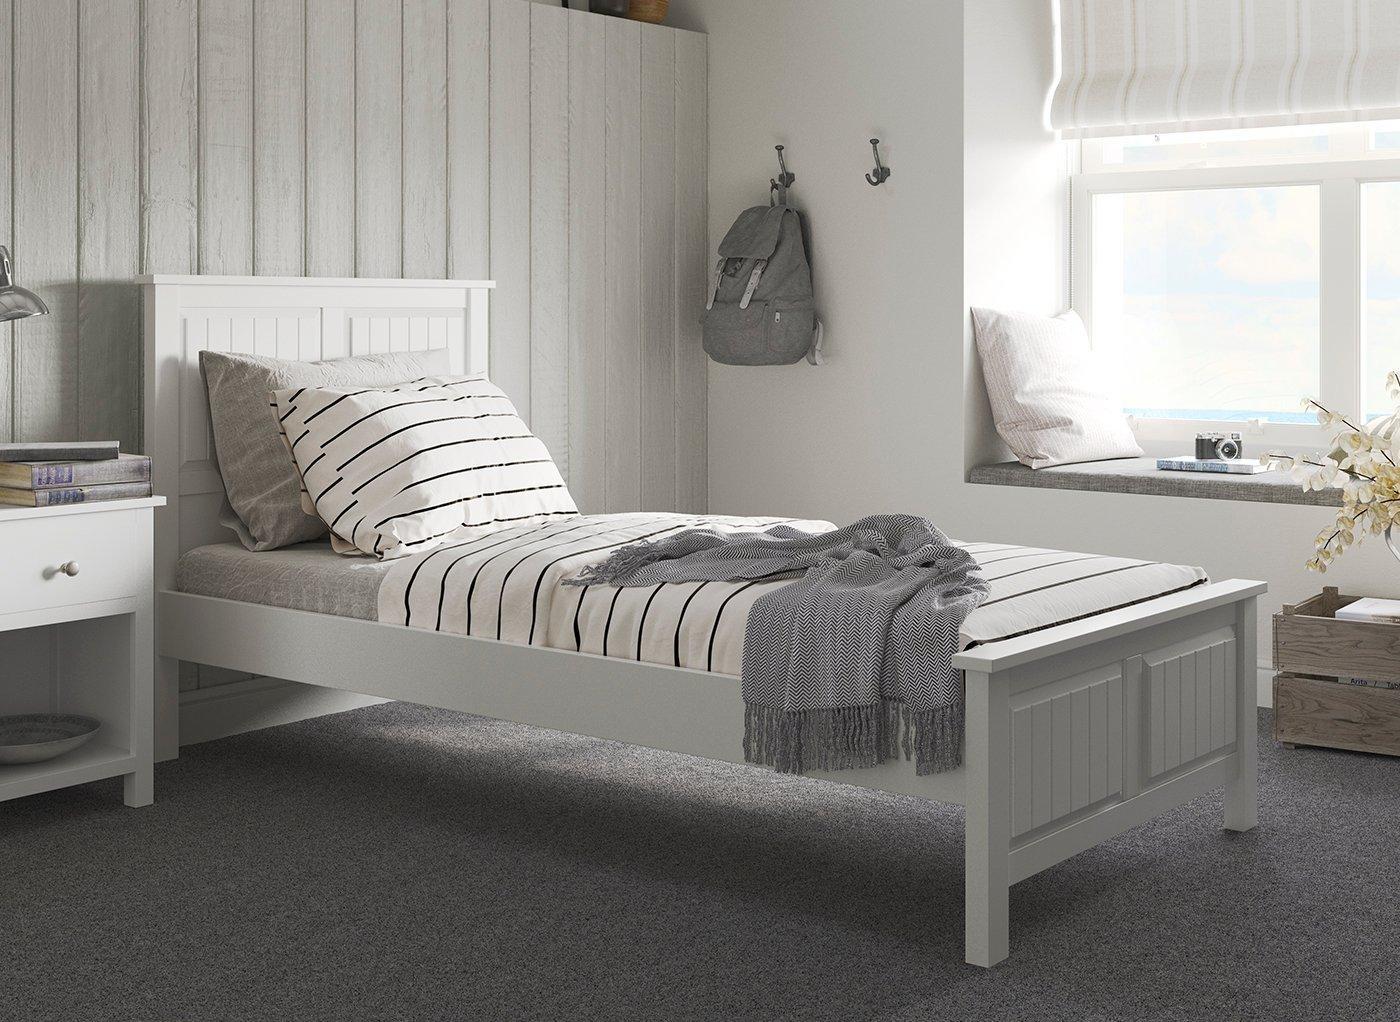 woodbridge-wooden-bed-frame